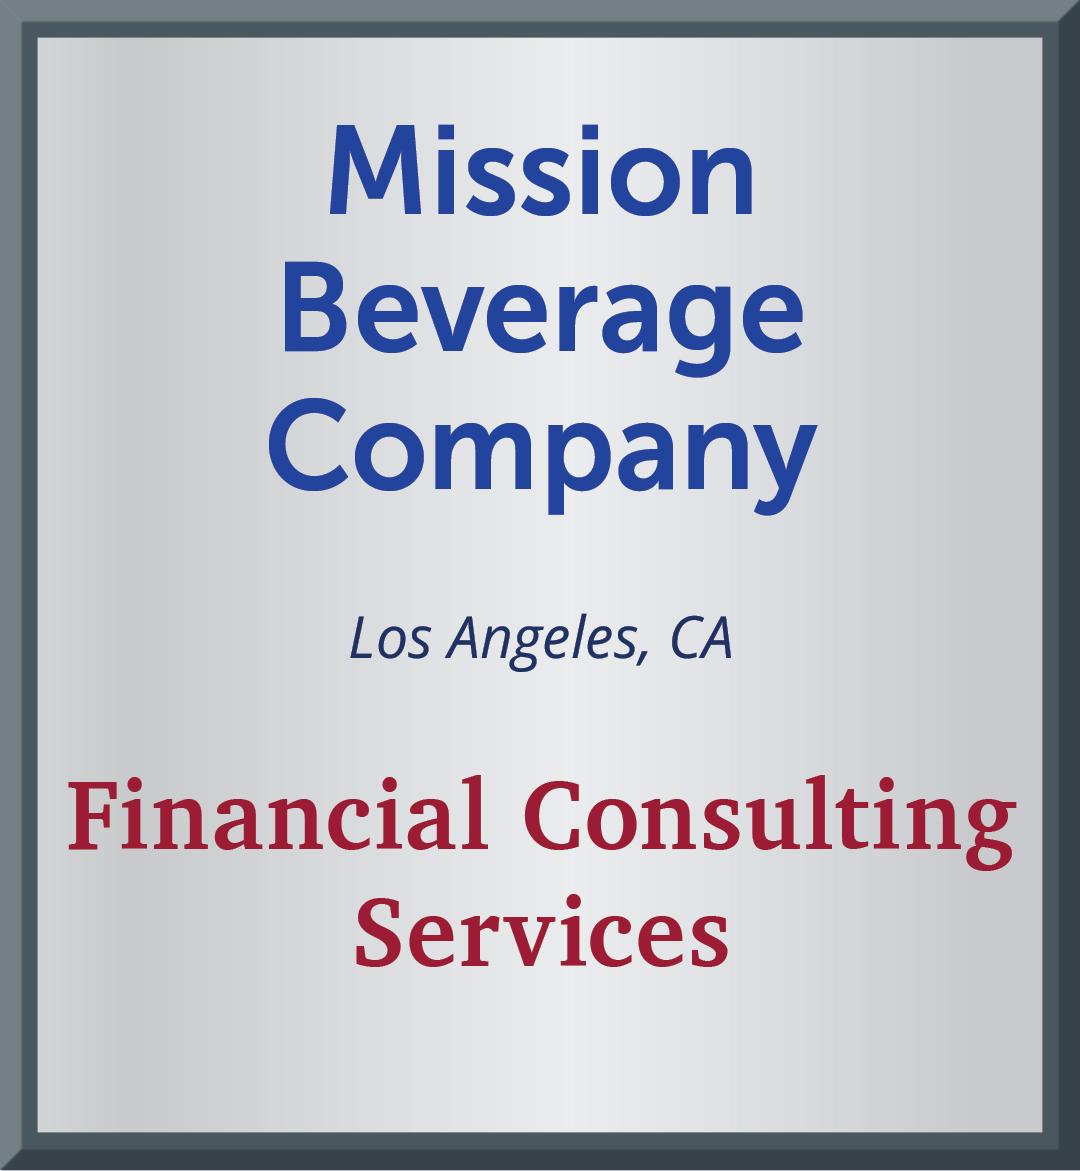 Mission-Beverage